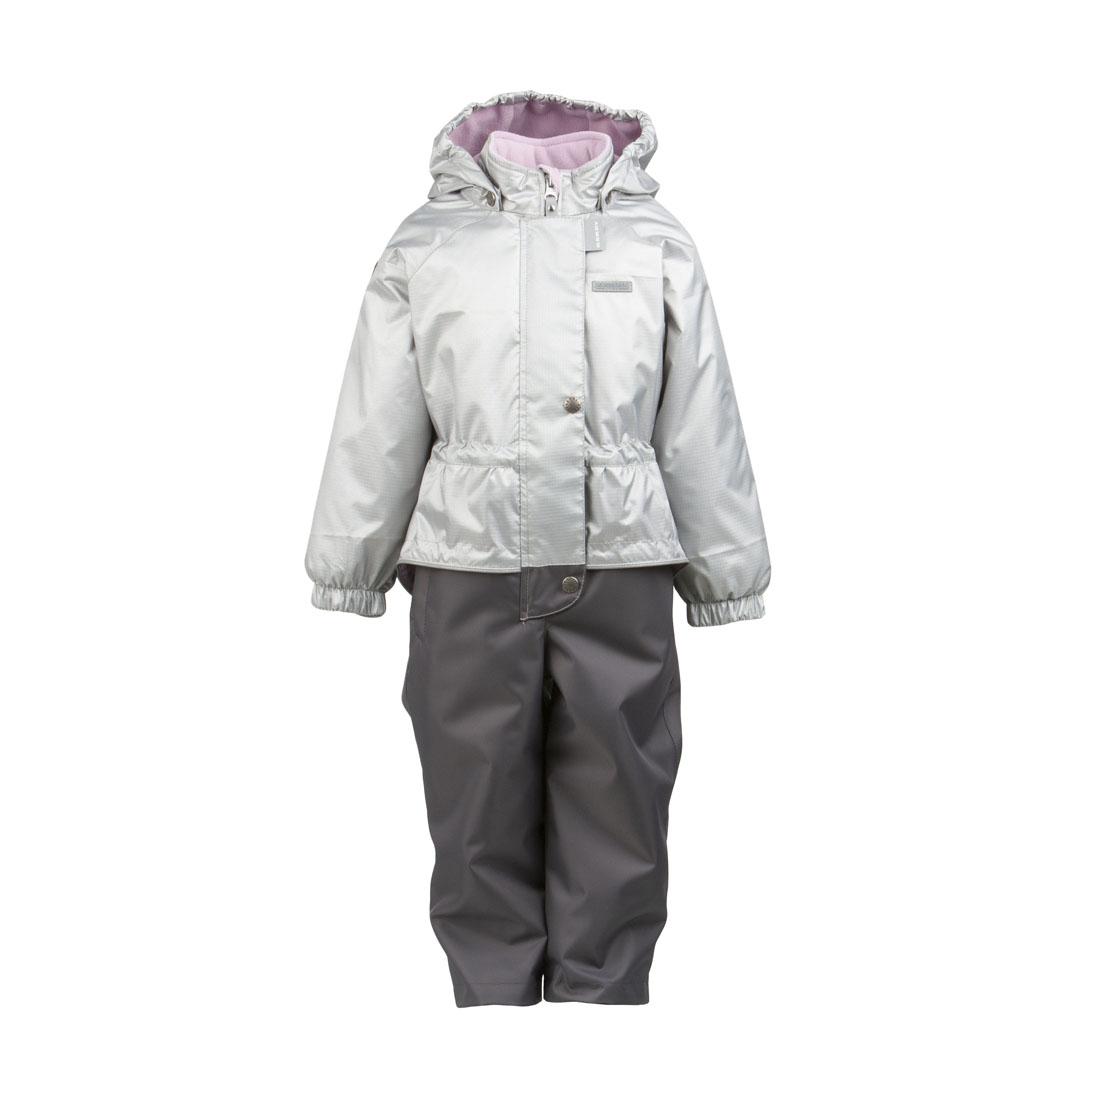 Комбинезон для девочек KERRY HANNAH K20019, размер